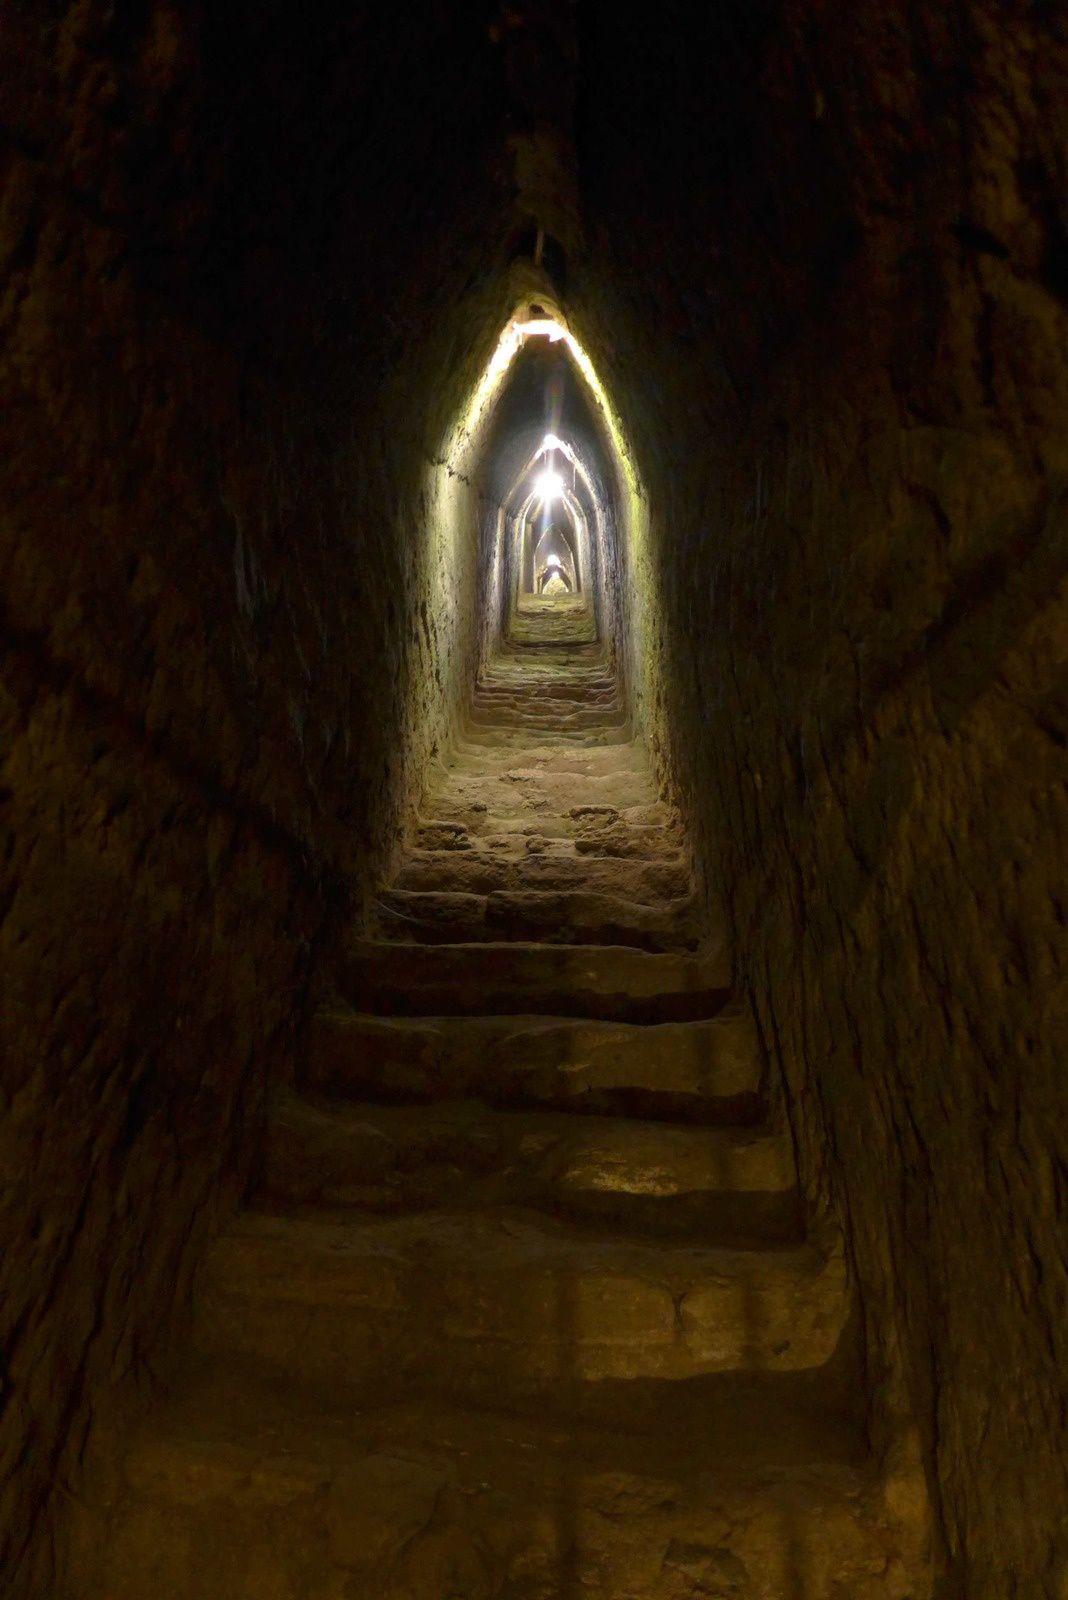 Cholula est célèbre pour sa Grande Pyramide construite par différentes ethnies ayant peuplé la cité sacrée. C'est la plus grande pyramide faite par l'homme en termes de volume déplacé 4,45 millions de m3. Elle fait 350 m de côté et 66 m de haut.  Construite à l'origine par les Olmèques trois siècles av. J.-C., elle a été complétée et utilisée par les Toltèques et les Aztèques comme lieu de rituel religieux et de sacrifice humain. Aujourd'hui la pyramide disparaît presque entièrement sous une colline d'aspect naturel au sommet de laquelle trône l'église de Nuestra Señora de los Remedios.